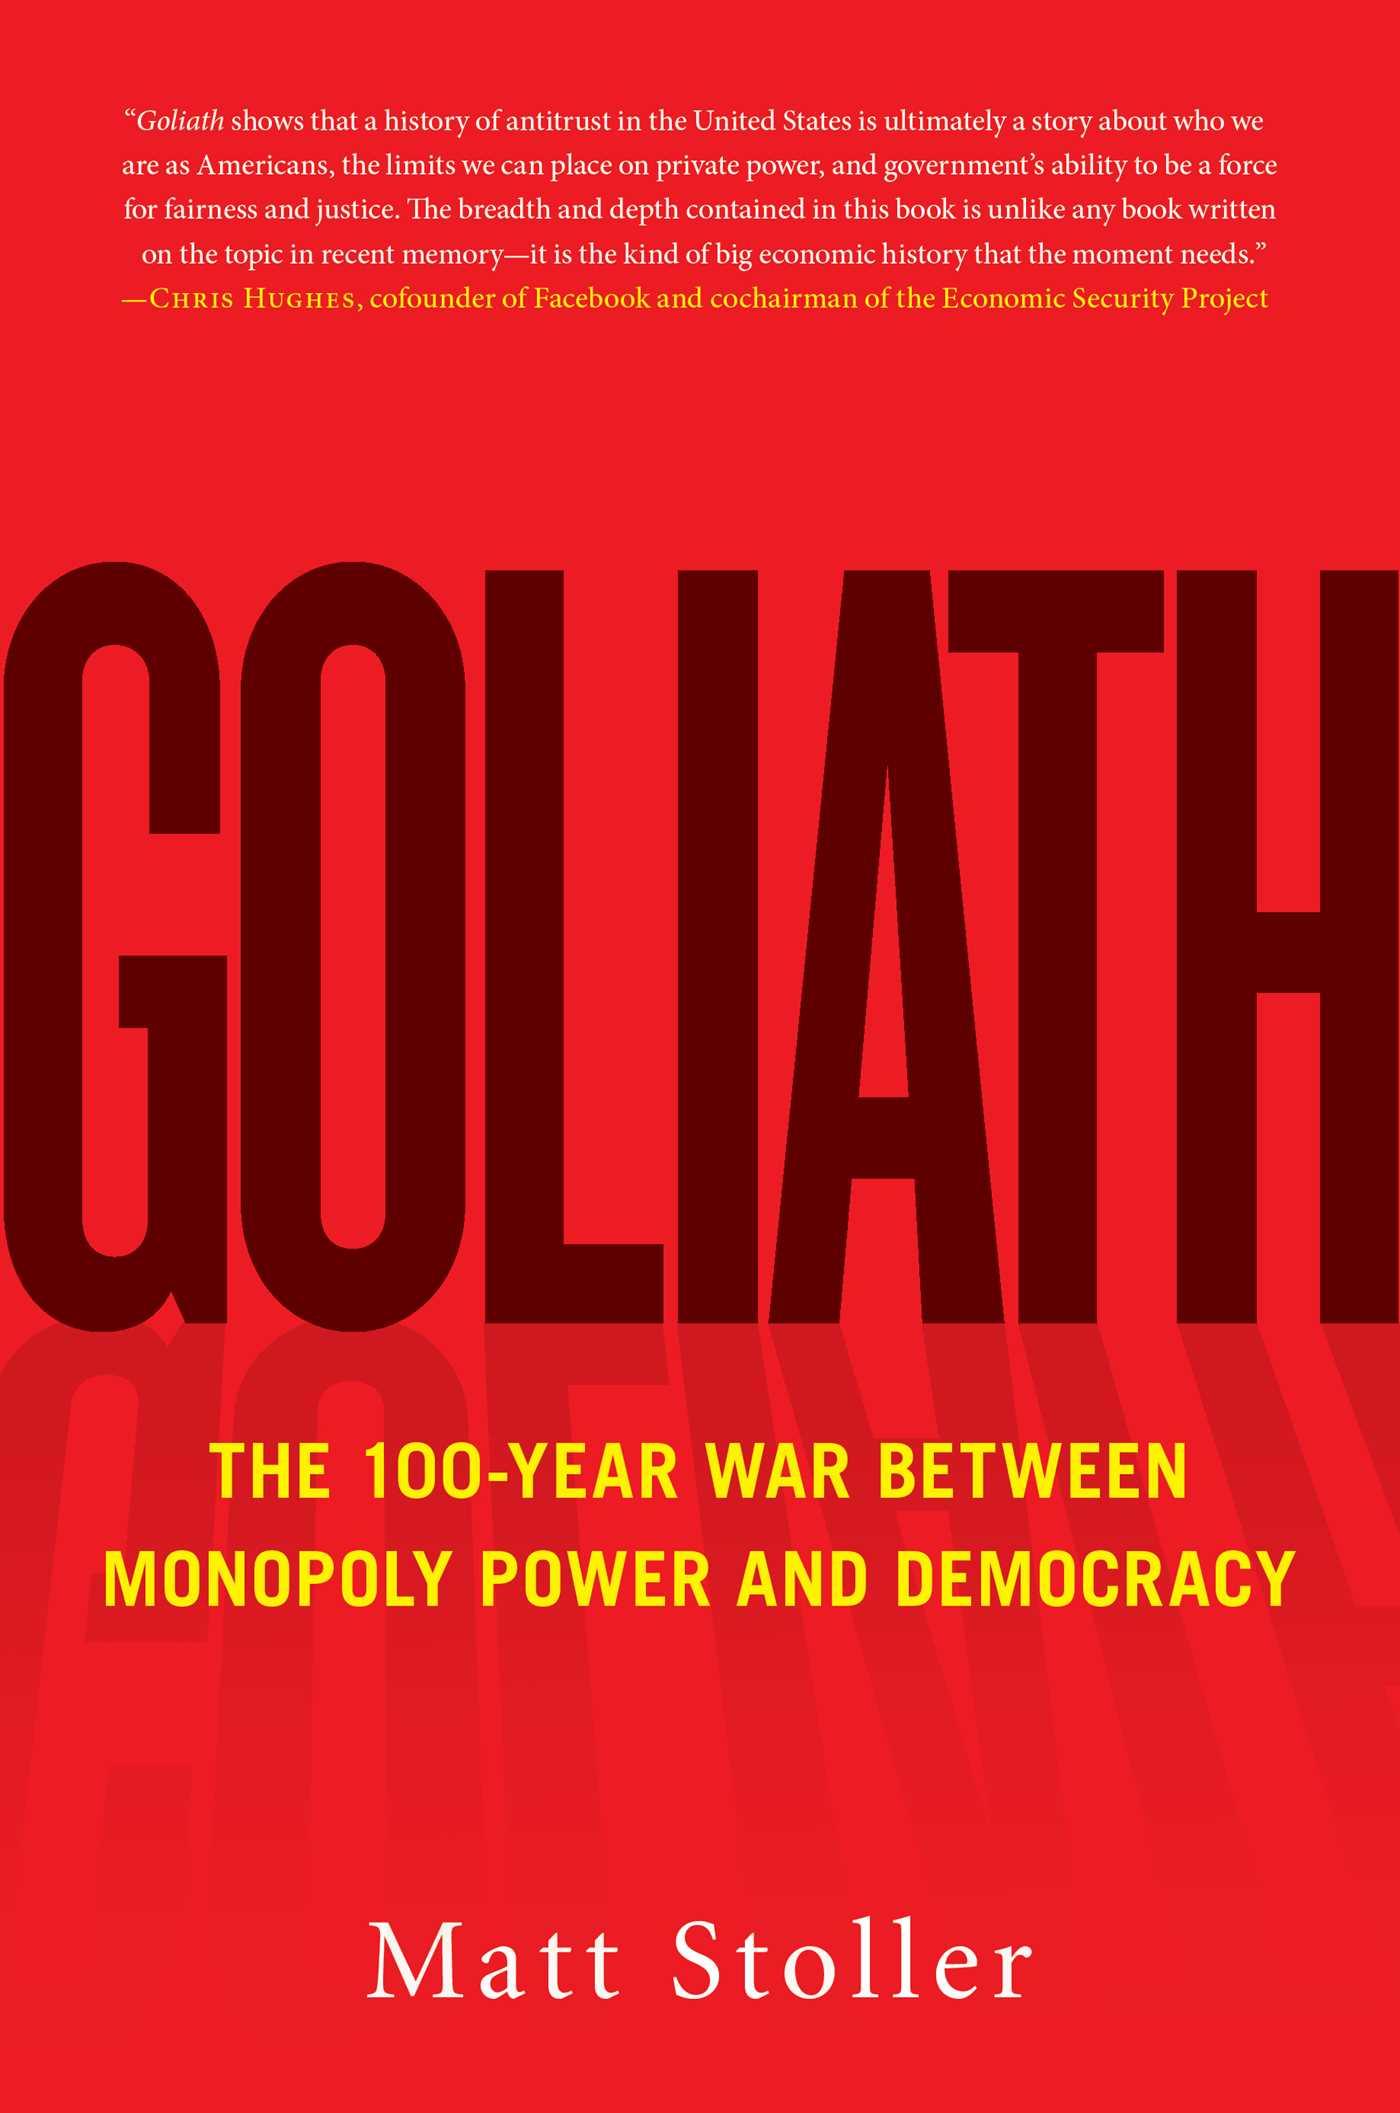 Goliath 9781501183089 hr